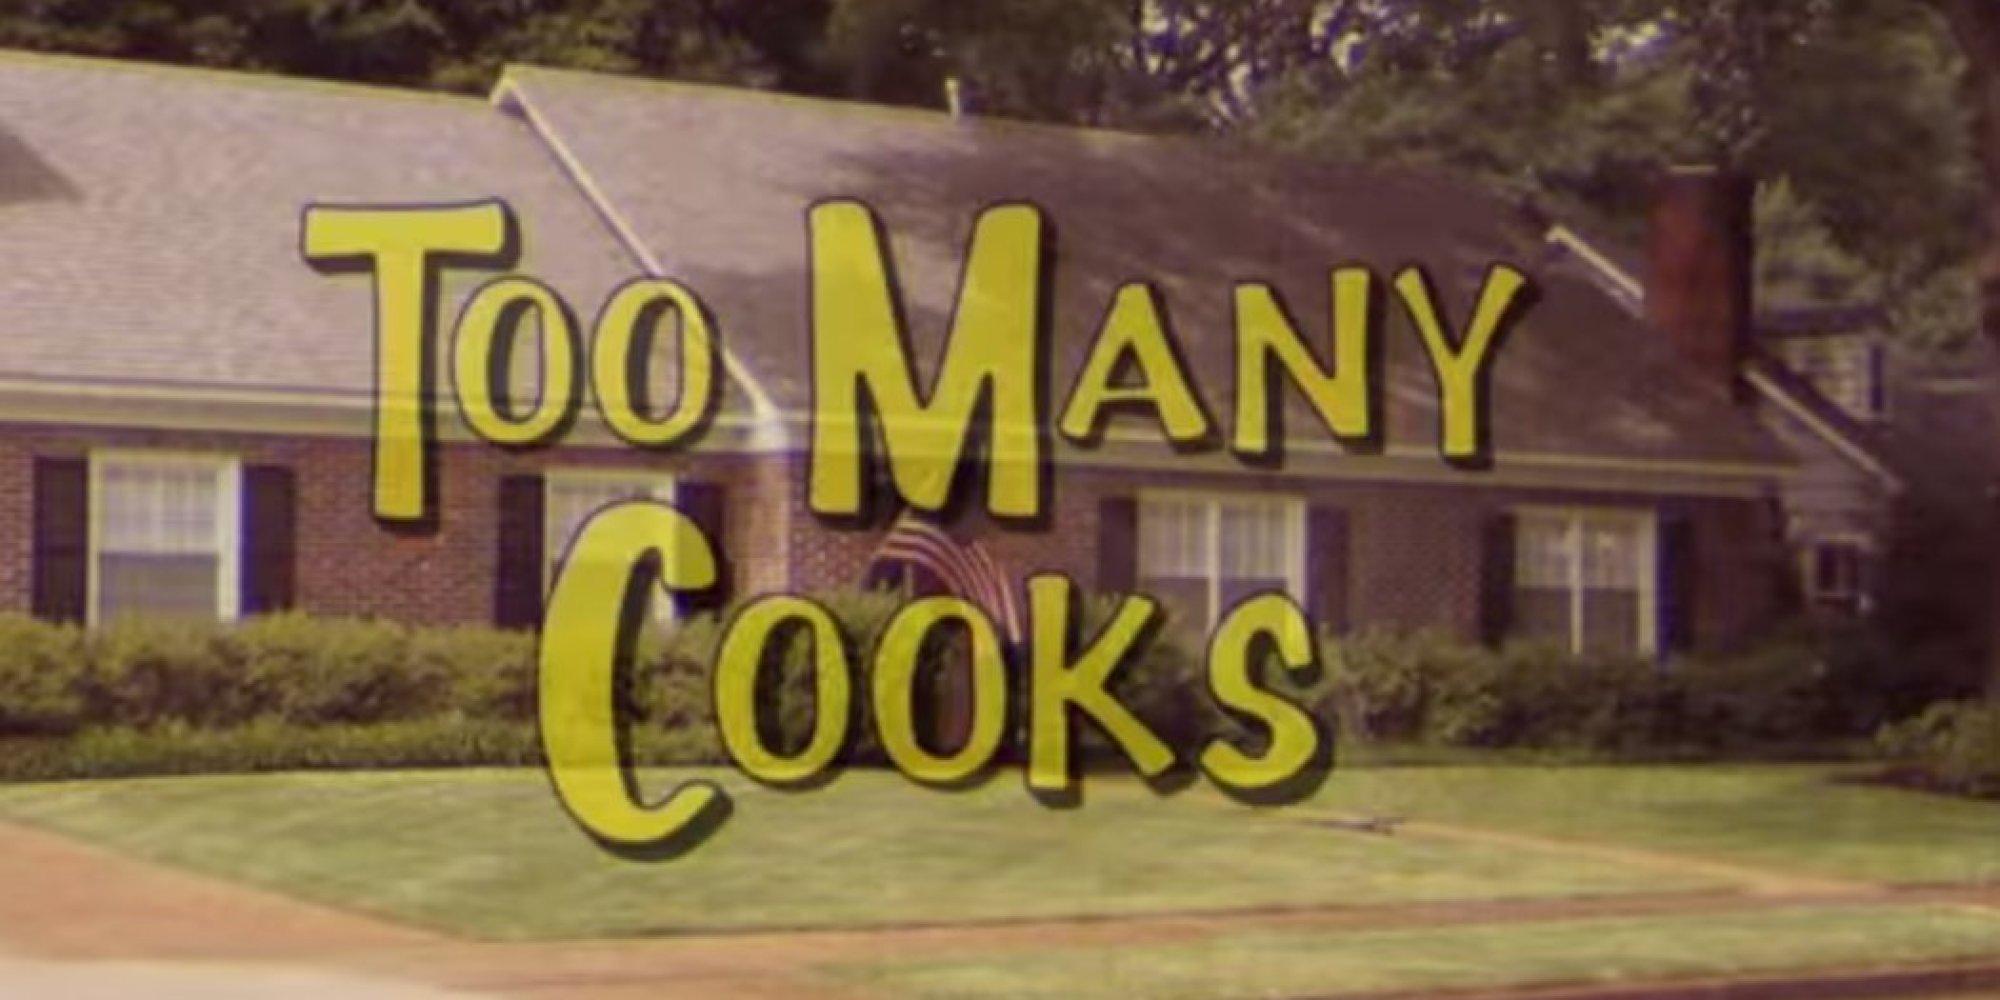 u0026 39 too many cooks u0026 39  creator dishes on making the viral hit